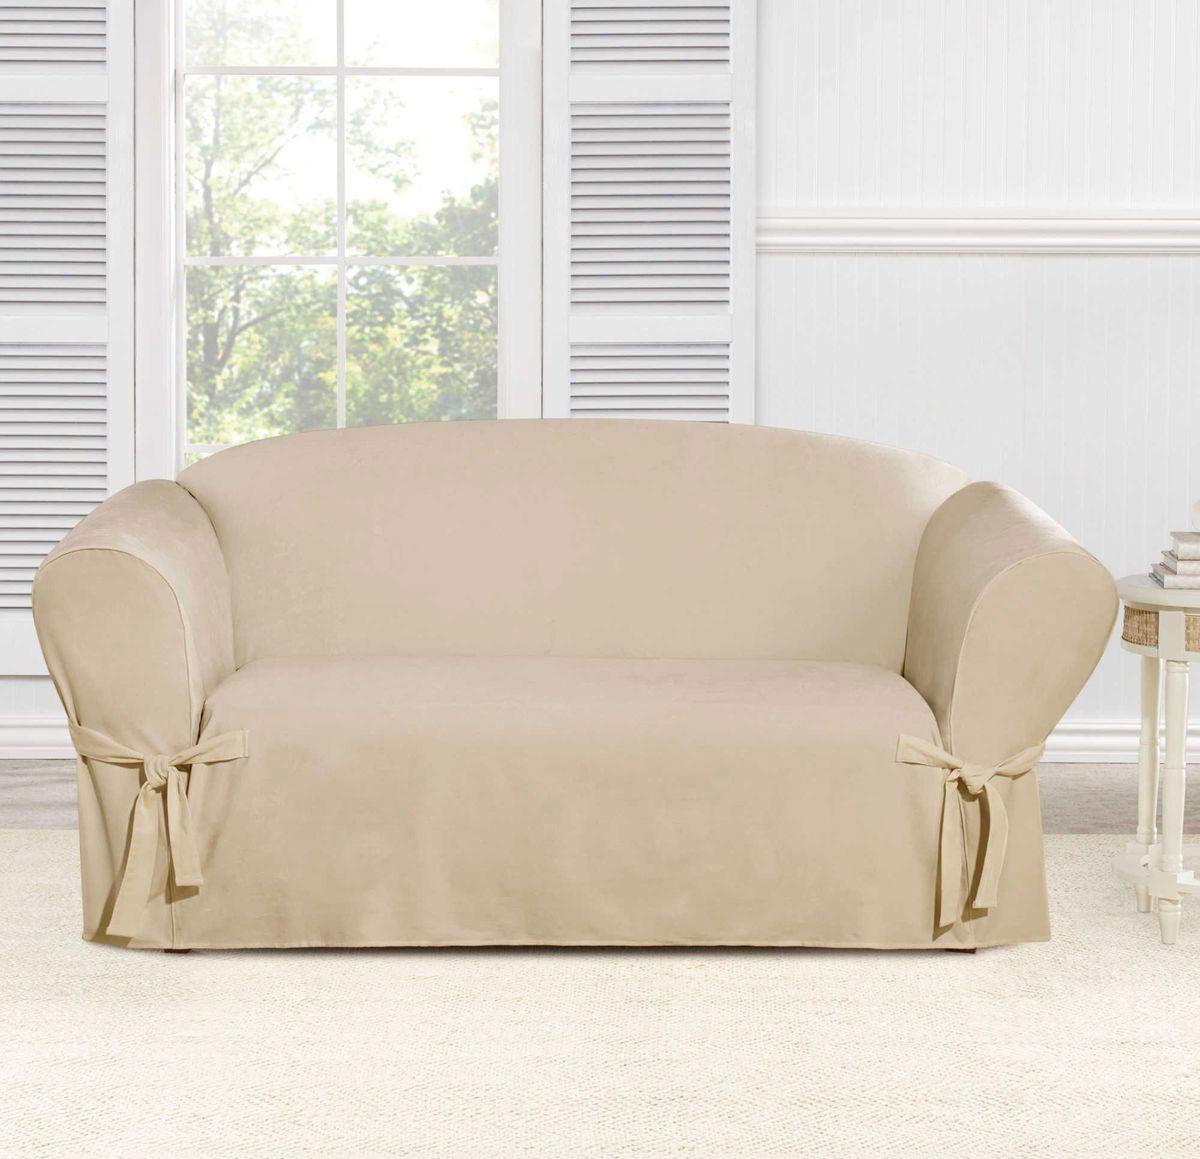 Чехол на двухместный диван Медежда Брайтон, цвет: бежевый1402011203000Чехол на двухместный диван Медежда Брайтон изготовлен из качественного материала на основе хлопка и полиэстера. Чехол не эластичен, но хорошо принимает форму дивана. Подходит для диванов с шириной спинки от 145 до 185 см. Благодаря классической однотонной расцветке чехол легко гармонирует почти со всеми палитрами цвета и любым типом интерьера. Изделие украсит вашу гостиную и создаст комфорт и уют в доме. Чехол очень удобен и прост в установке. Чехлы на мебель Медежда универсальны и подходят на большинство моделей мебели. Такова особенность кроя изделий свободного стиля или тянущегося материала стрейч стиля. Основное значение при подборе имеет только ширина спинки.